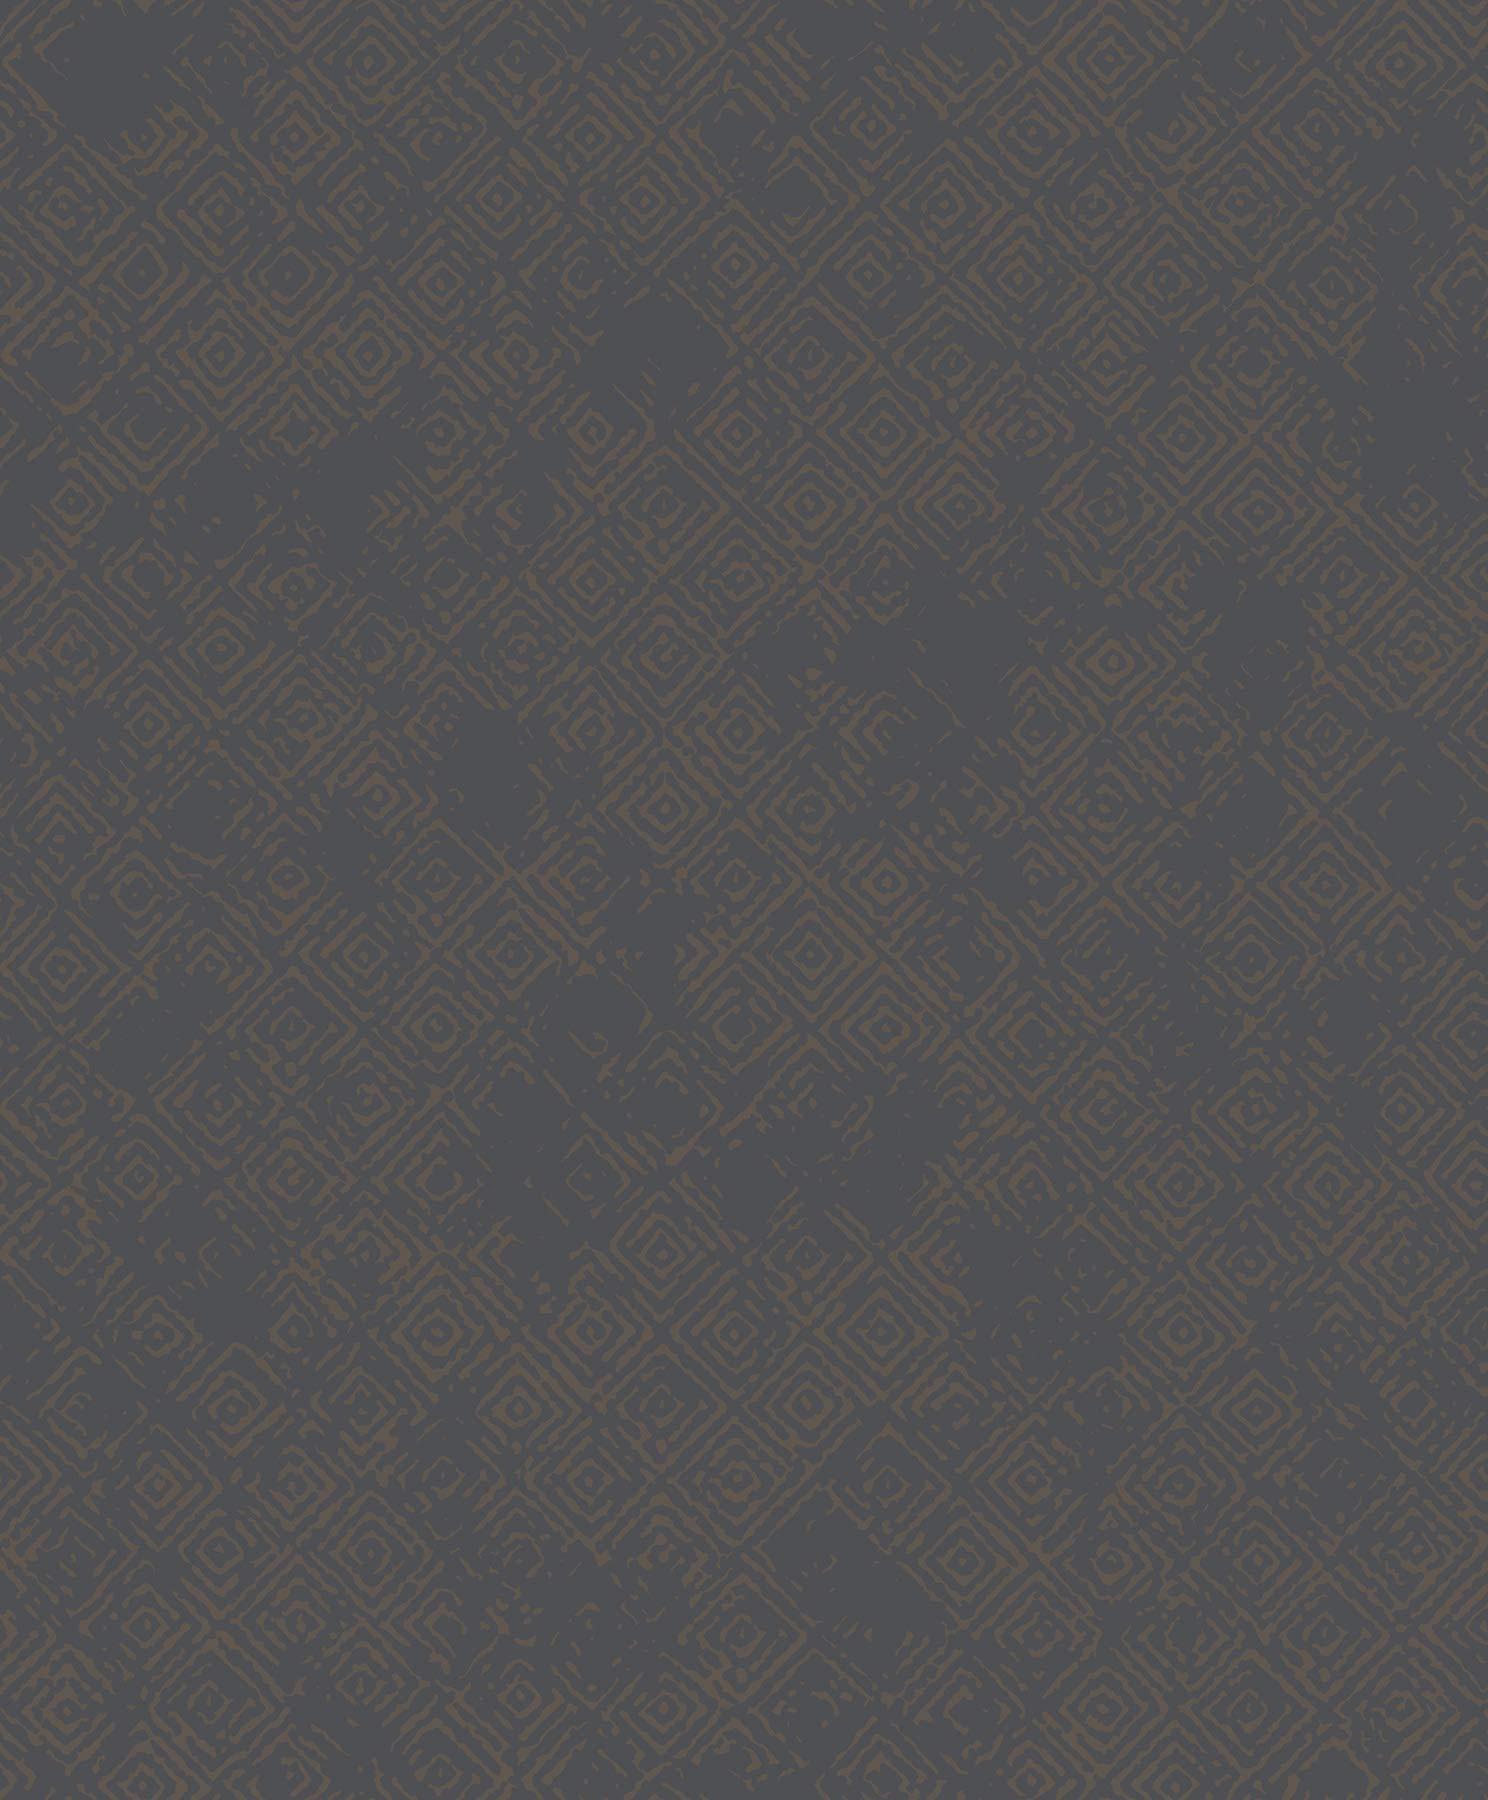 Advantage 2809-LH01603 Thompson Bronze Key Wallpaper